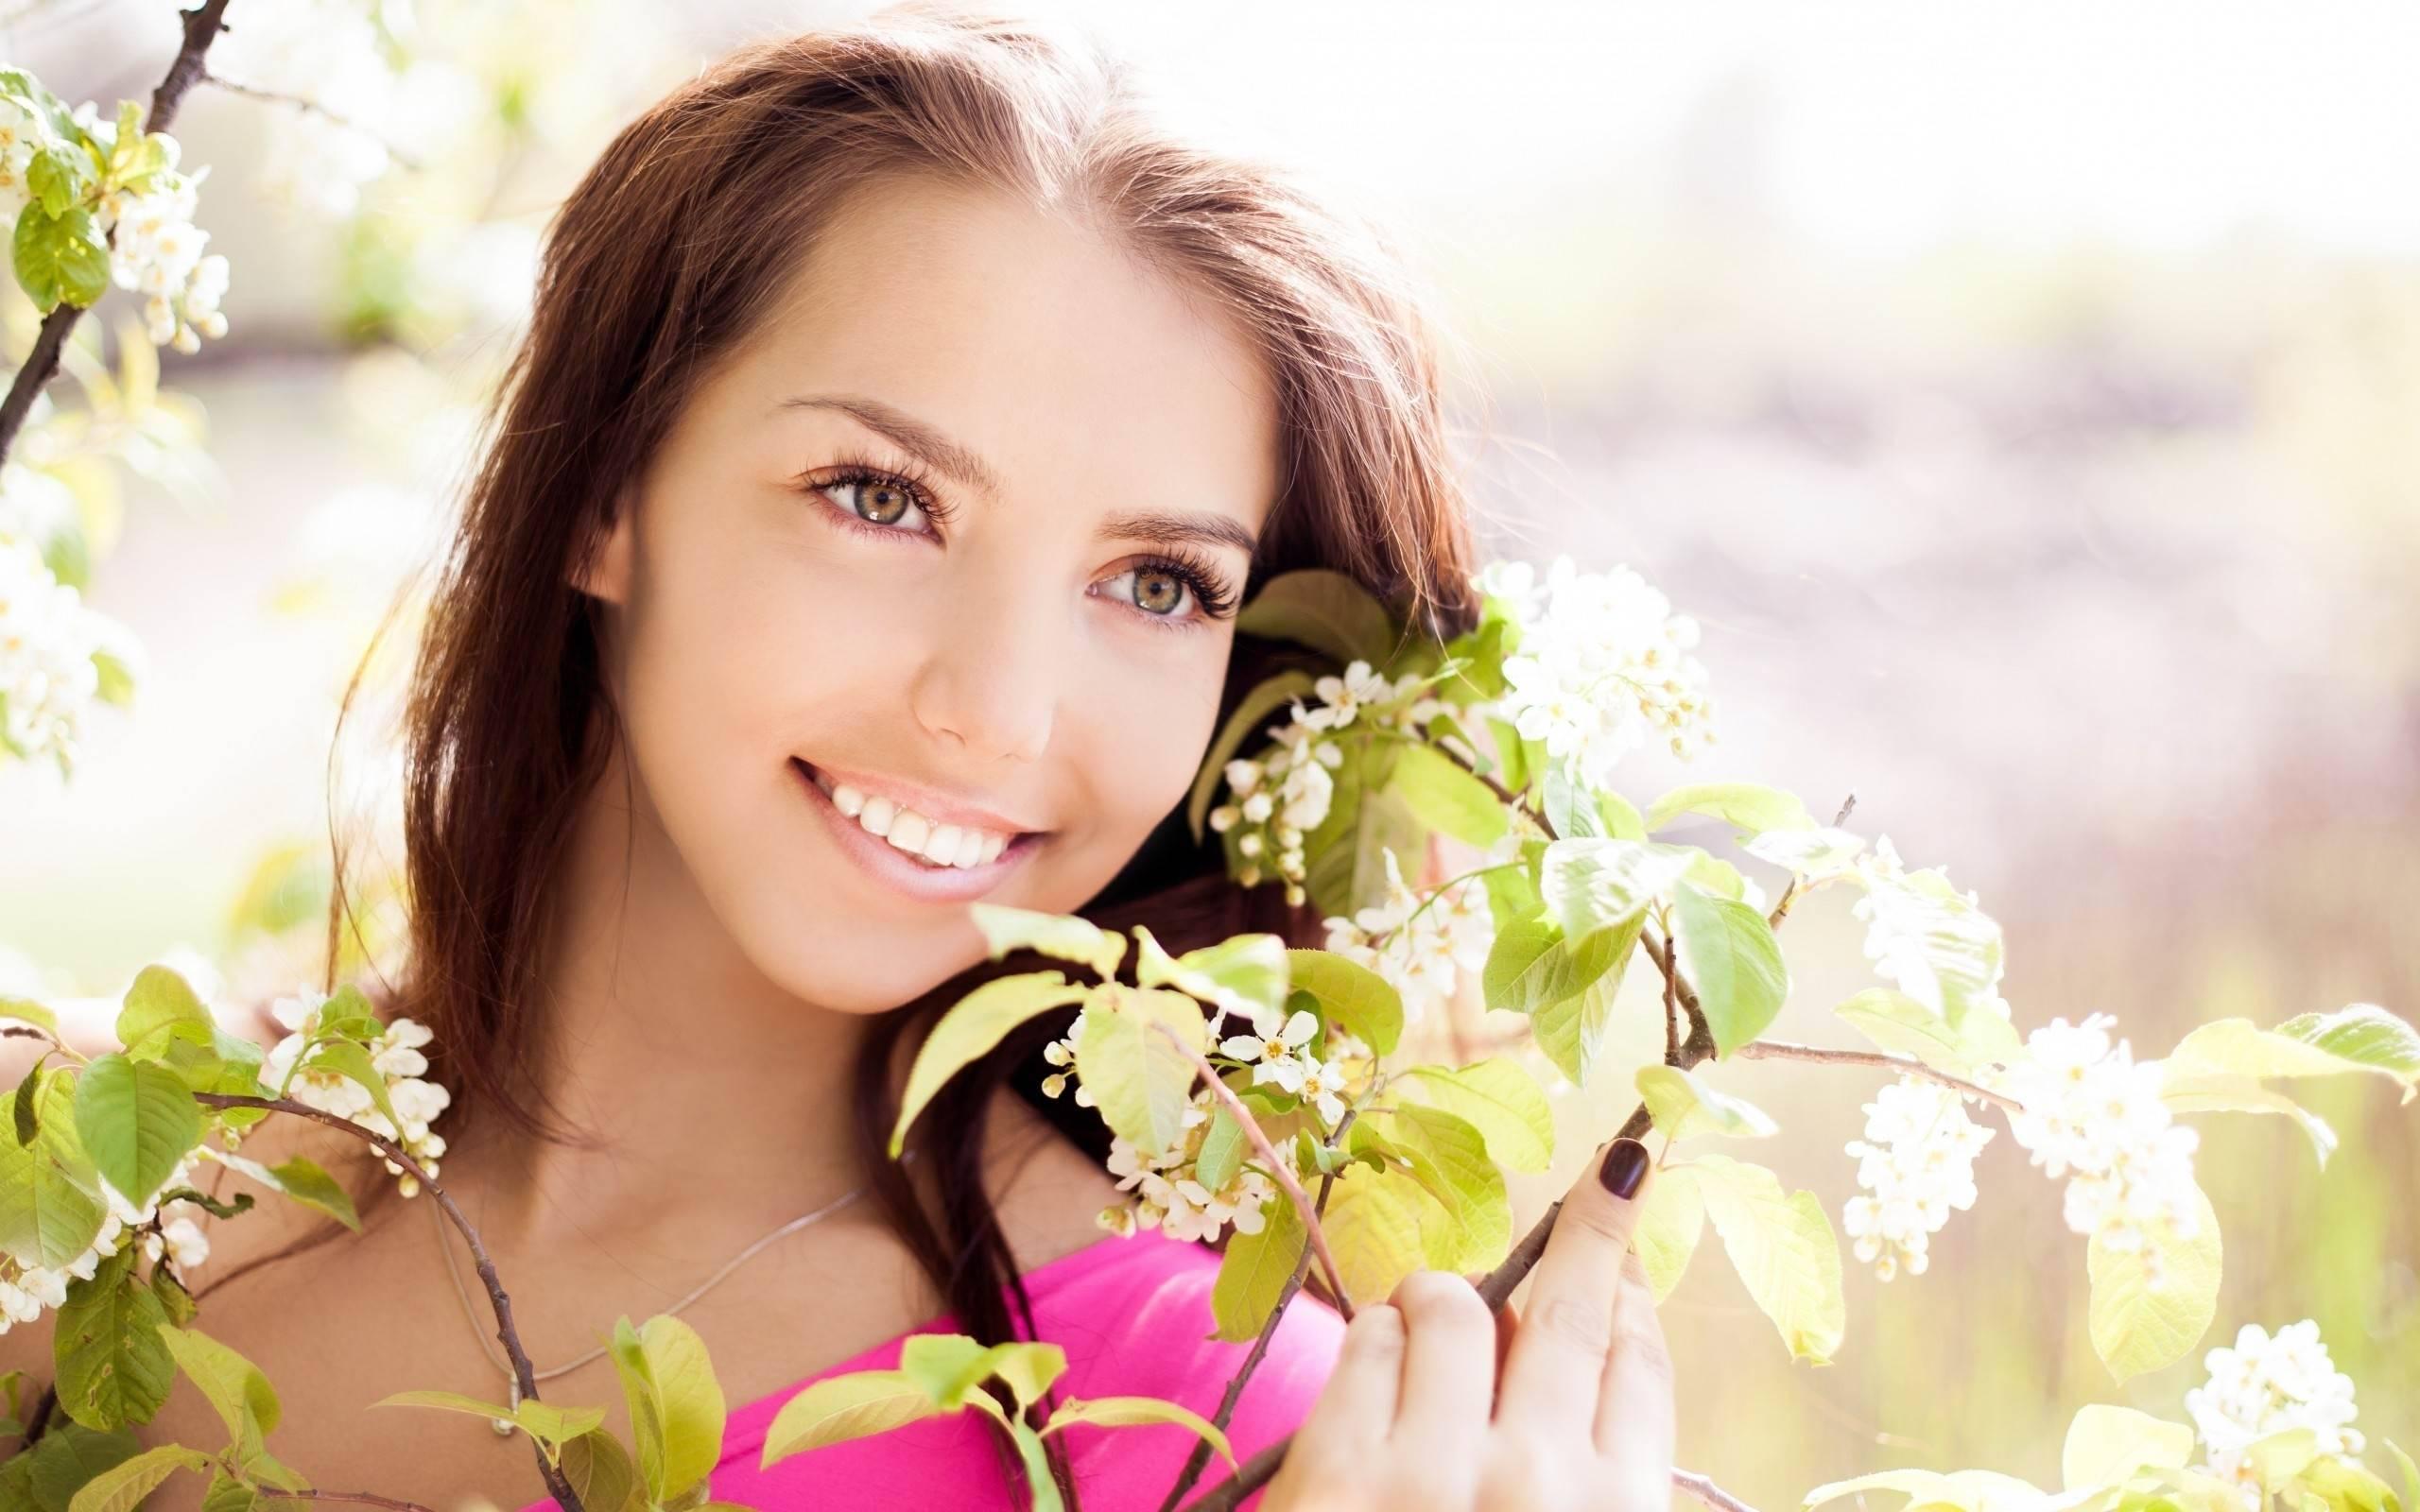 3 этапа как научиться красиво улыбаться